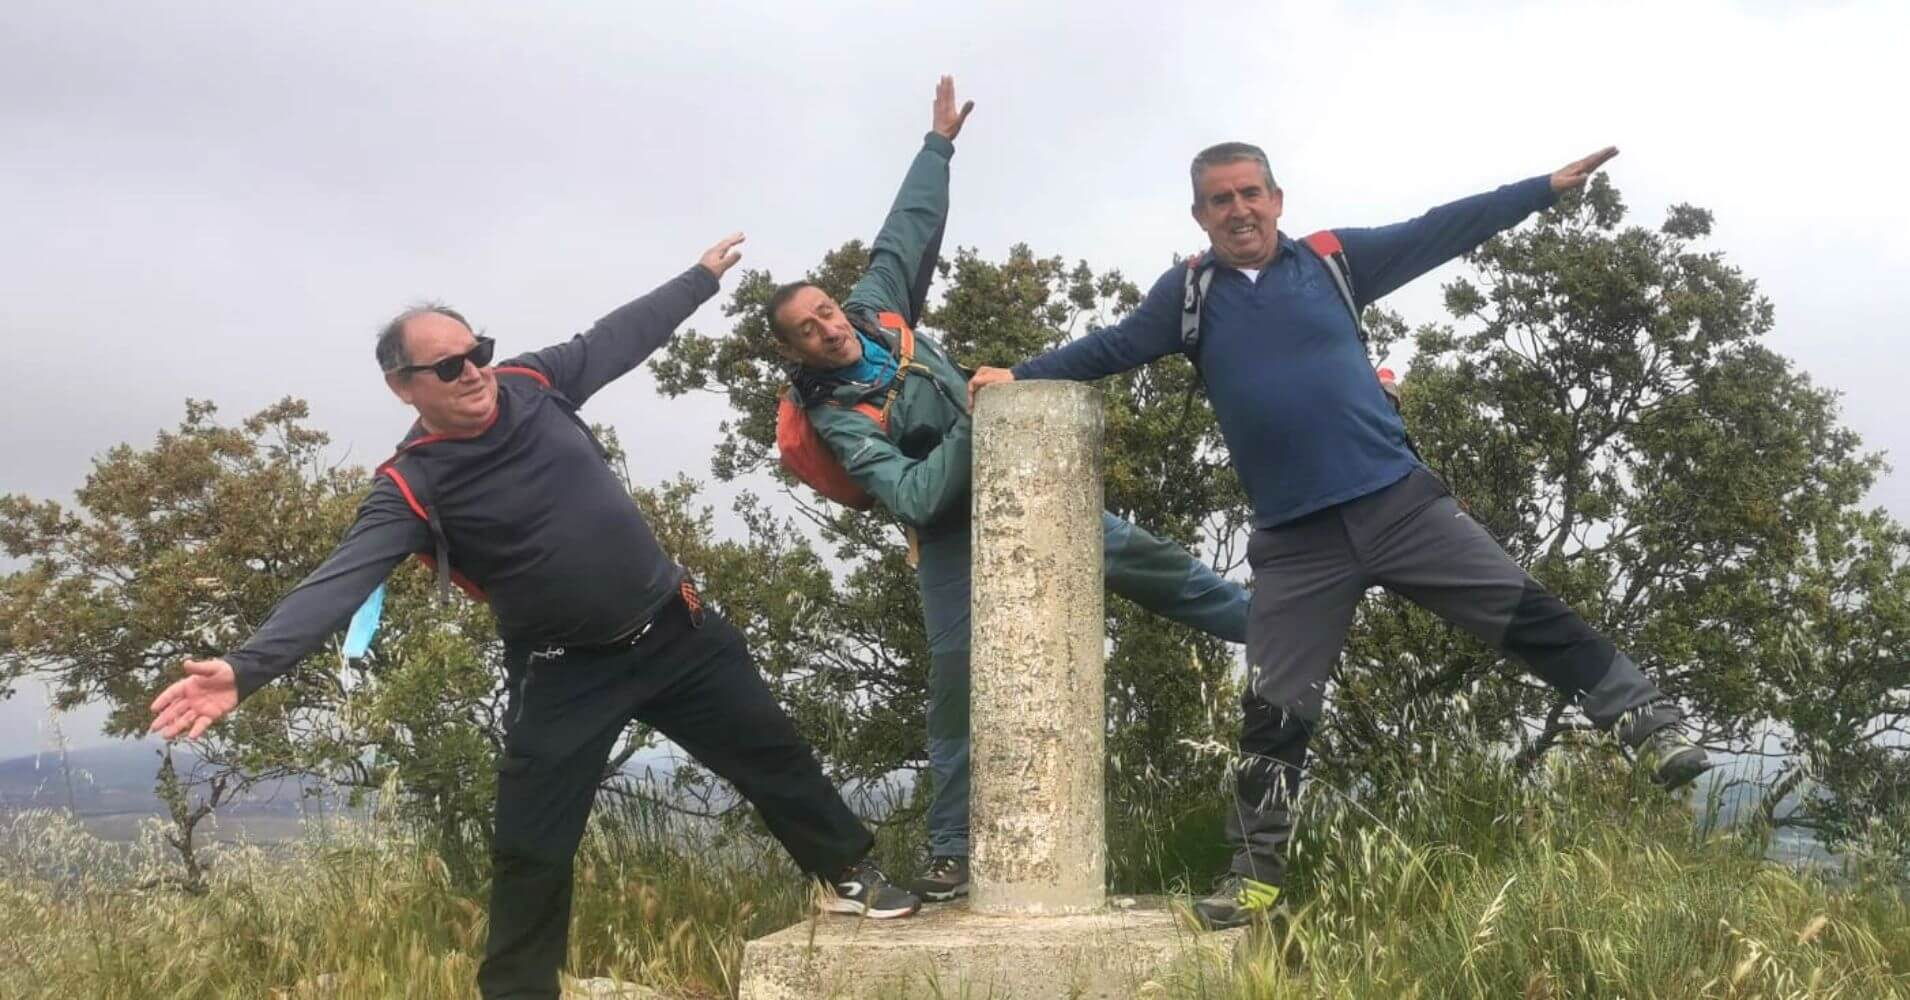 Vértice Geodésico de la Cumbre de La Sierra de Layos. Toledo, Castilla La Mancha.